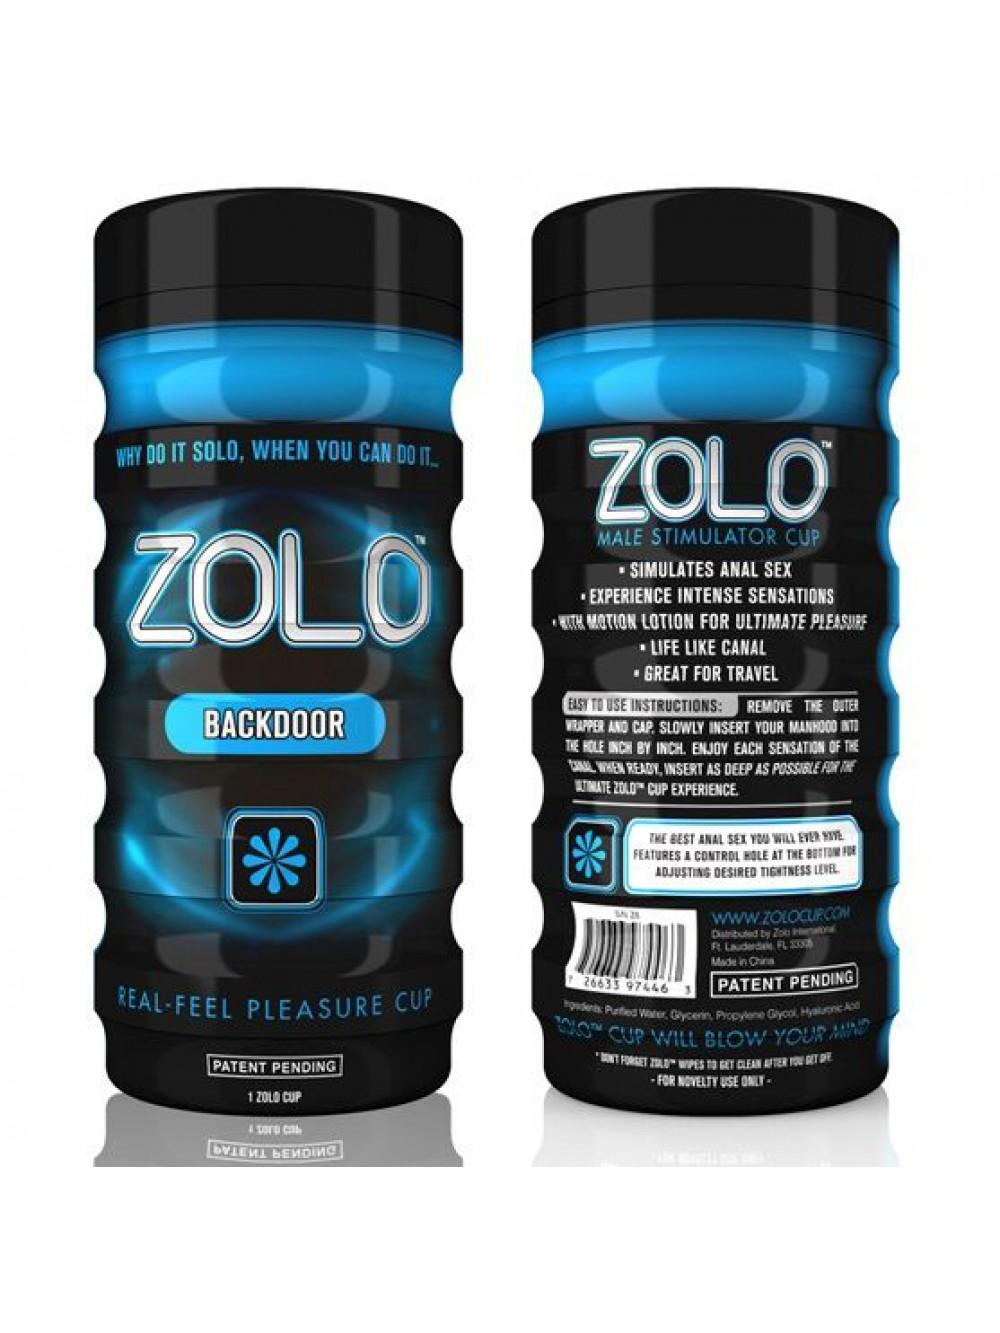 Backdoor Zolo Cup